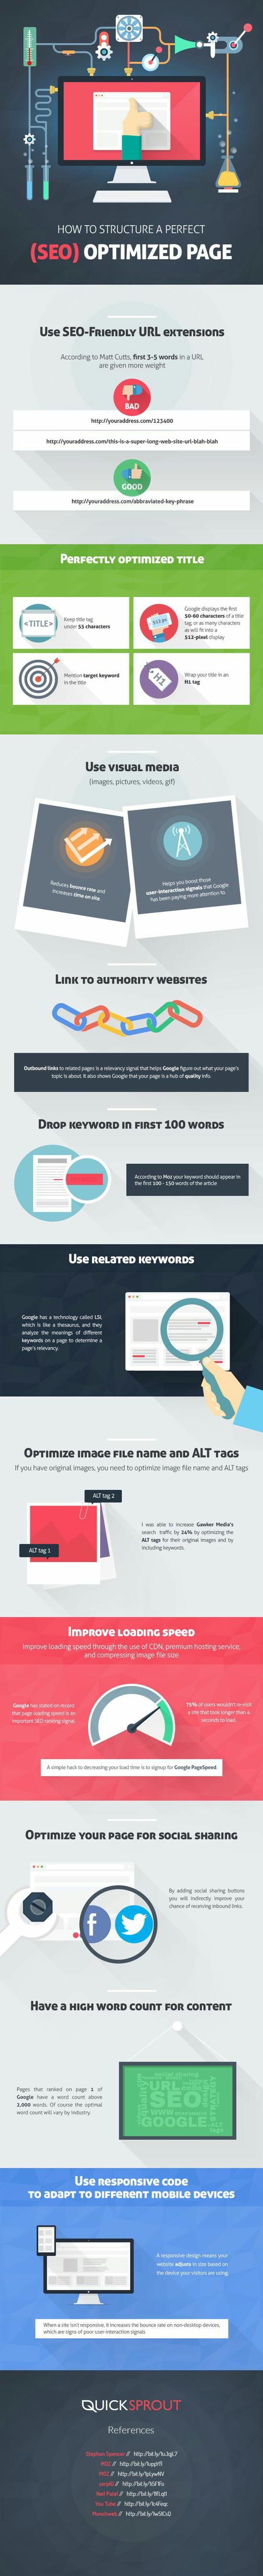 Aprende a estructurar una página optimizada para el SEO #infografía